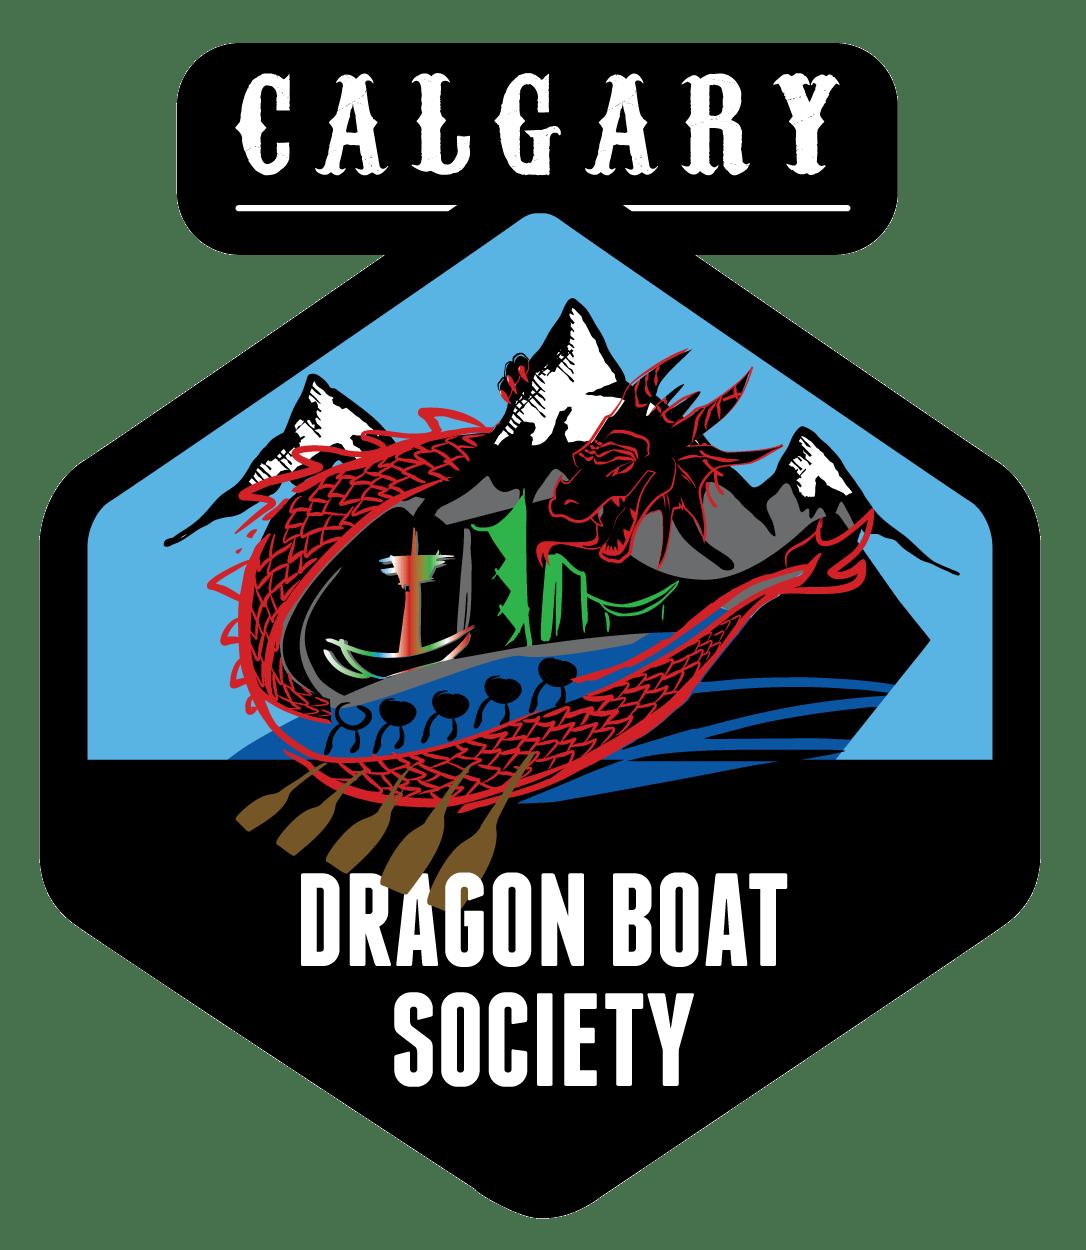 Calgary Dragon Boat Society